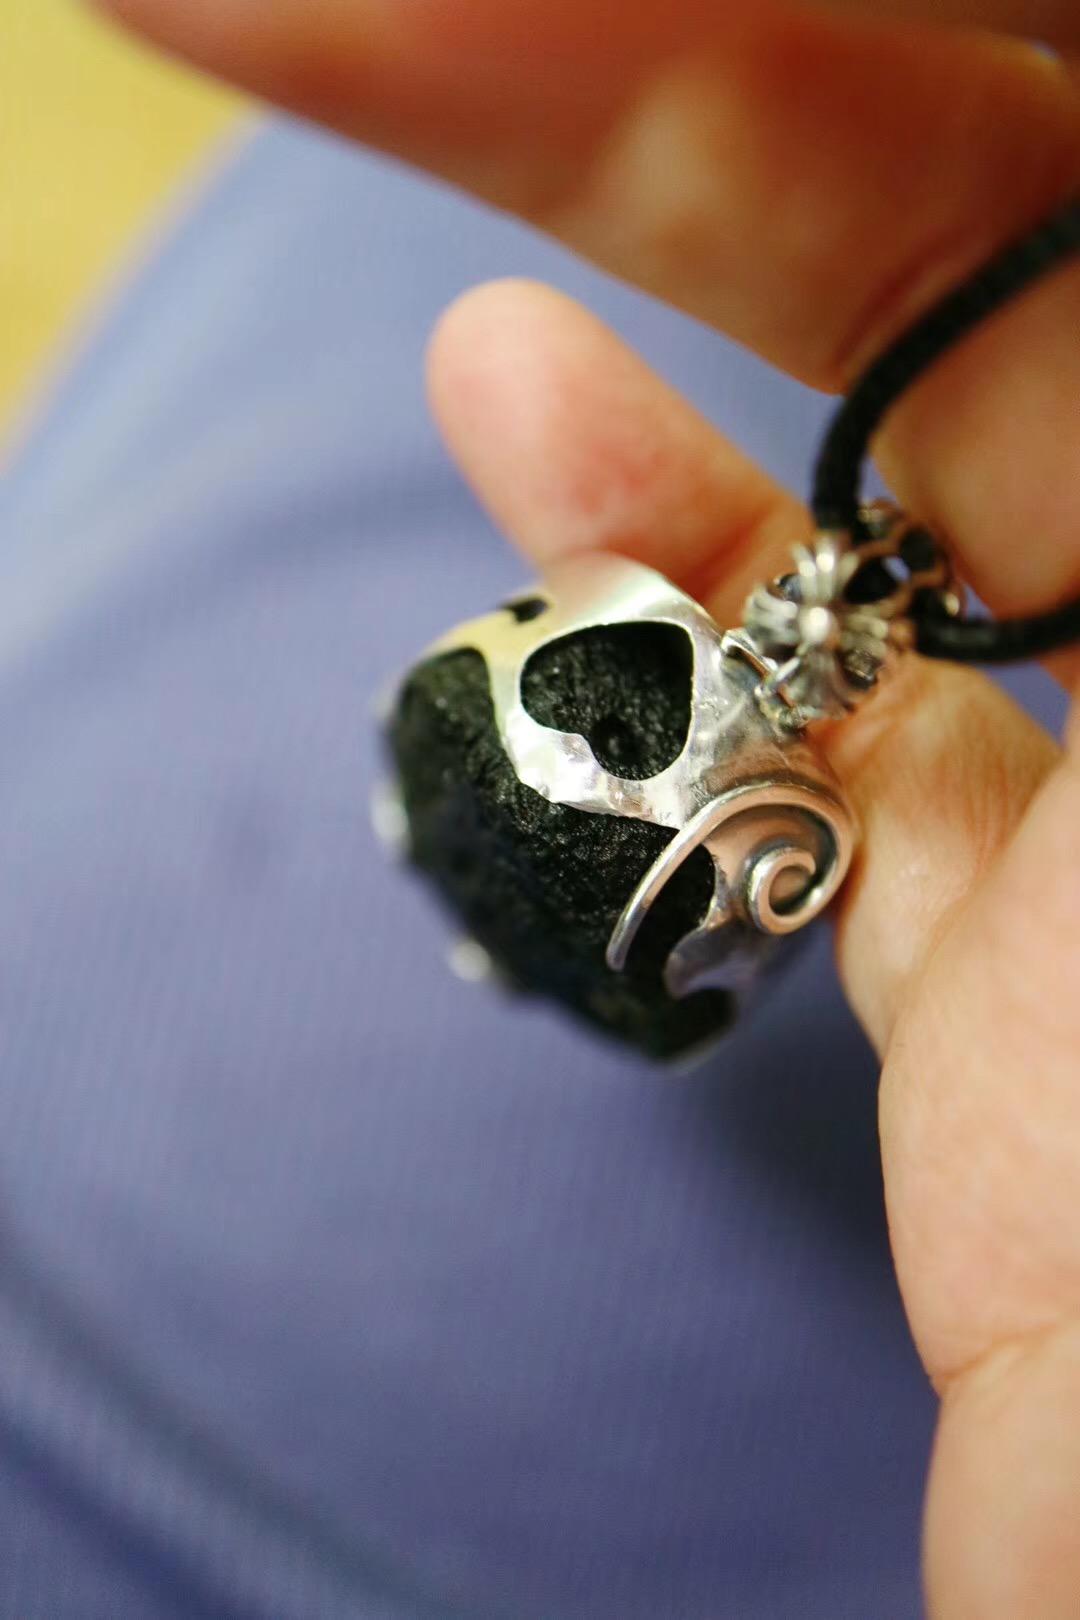 【菩心-捷克陨石】这枚略酷的捷克陨石,愿它陪着Thomas走遍世界角落-菩心晶舍